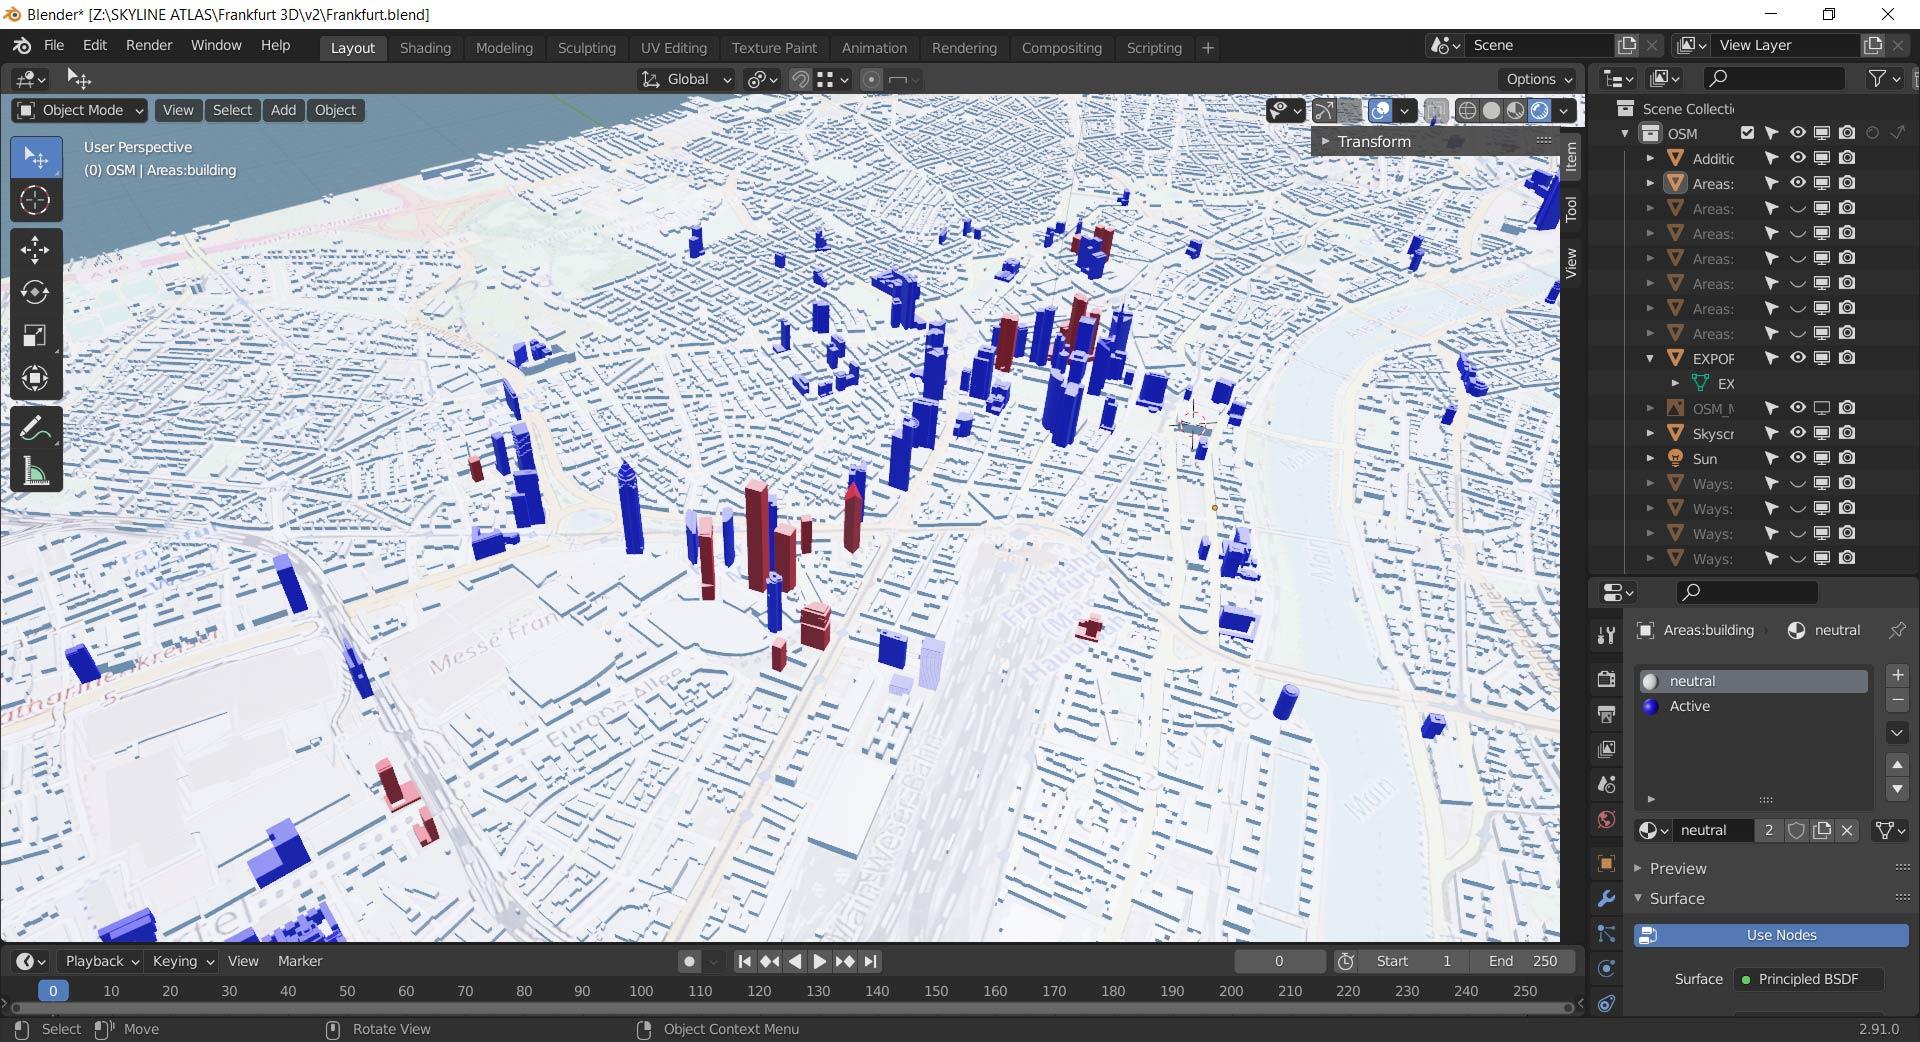 3D Frankfurt - Geplante Wolkenkratzer - Stadtmodell - Computer Modell Frankfurt am Main Zukunft - Wolken-Kratzer und Hochhäuser